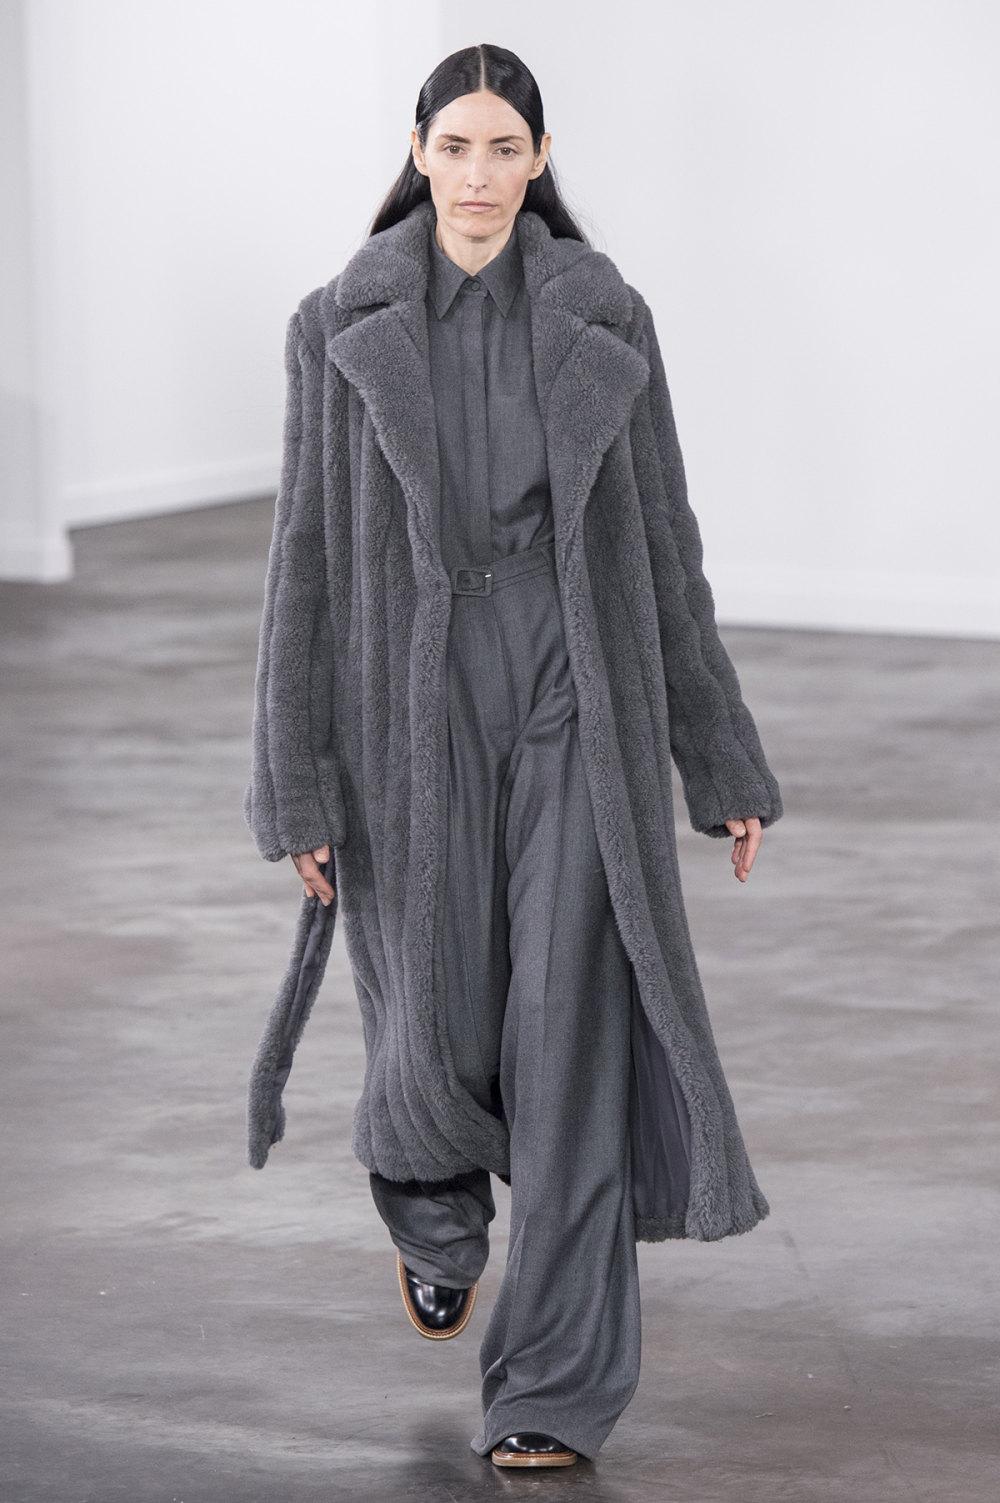 Gabriela Hearst时装系列细条纹西装和宽大毛衣之间形成鲜明对比-11.jpg